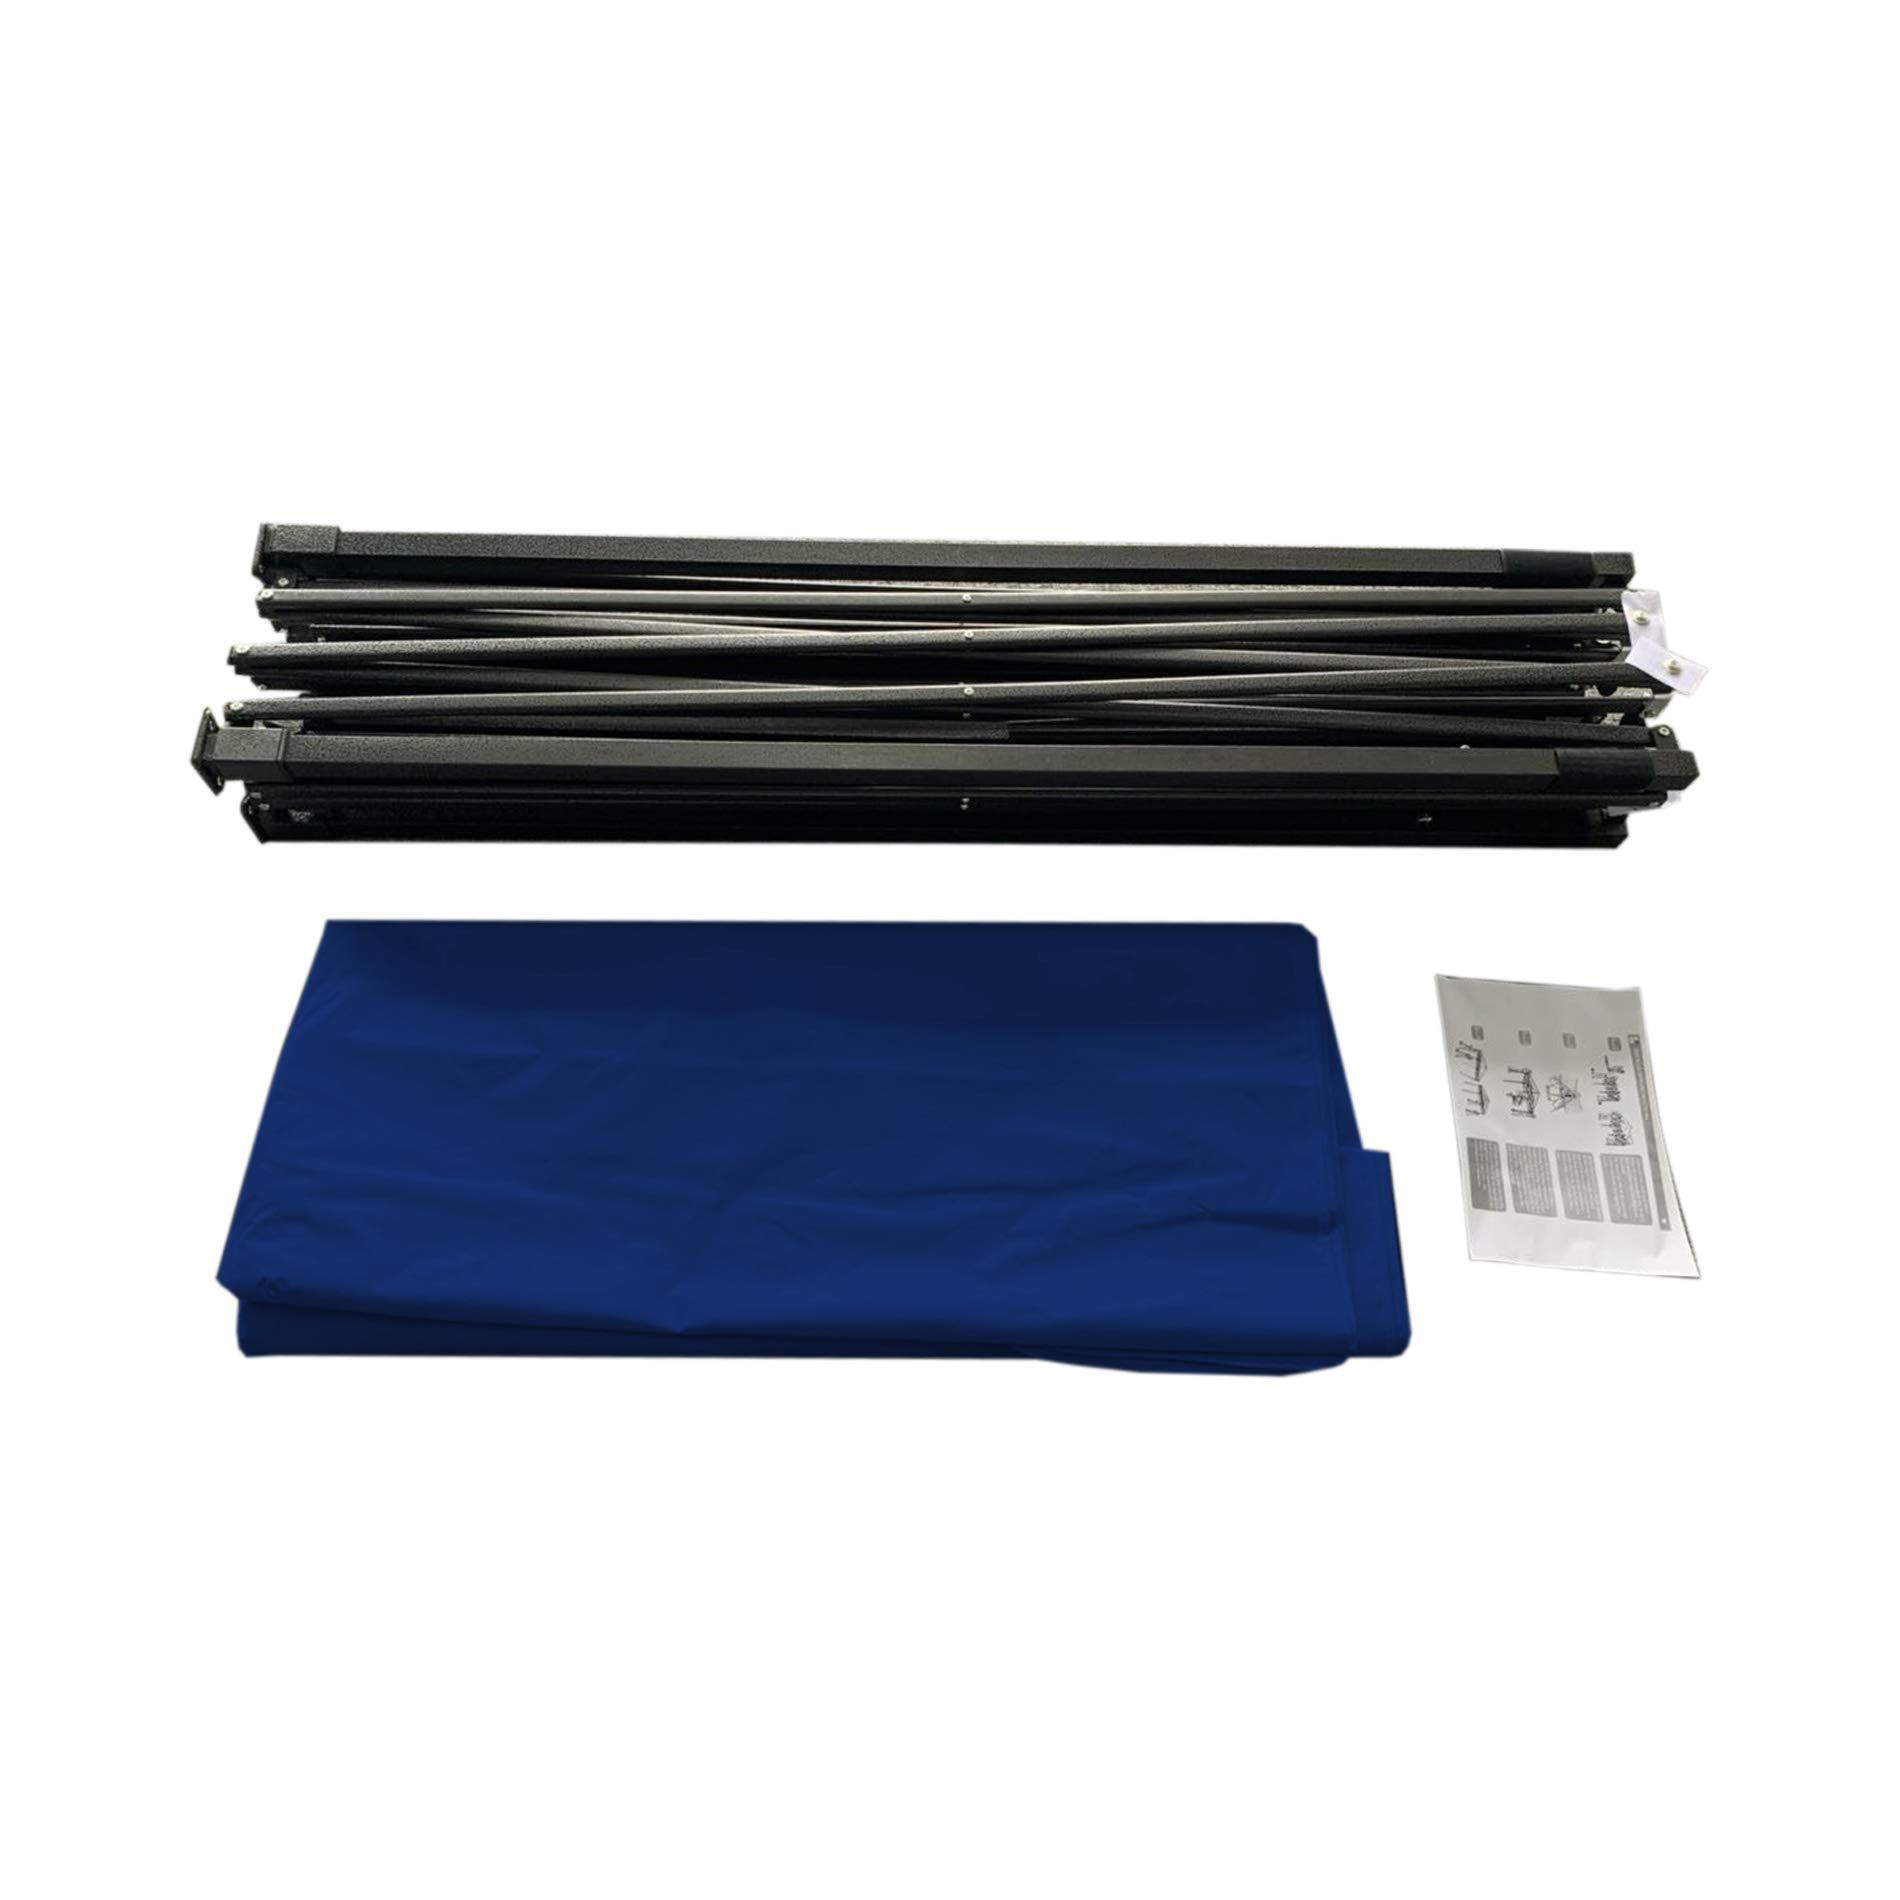 cod. RE6327 Rebecca Mobili Gazebo Richiudibile con 4 Pesi Blu Metallo Poliestere Sacca Giardino Mercatini Terrazzo 3,1 x 3 x 3 mt